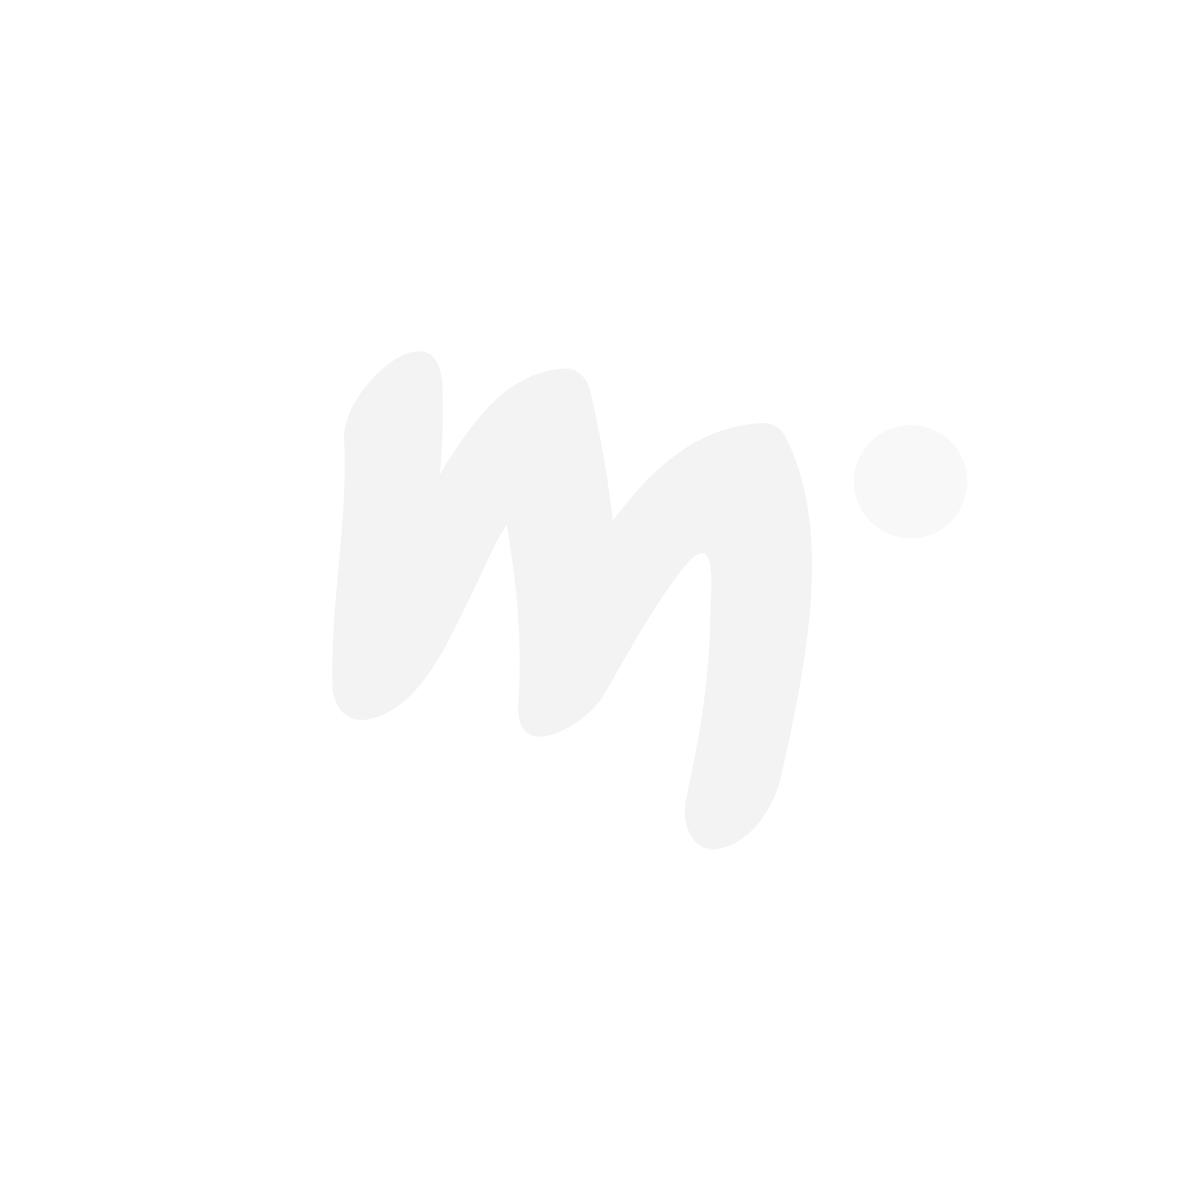 Martinex Ornamentti-kahvipurkki harmaa